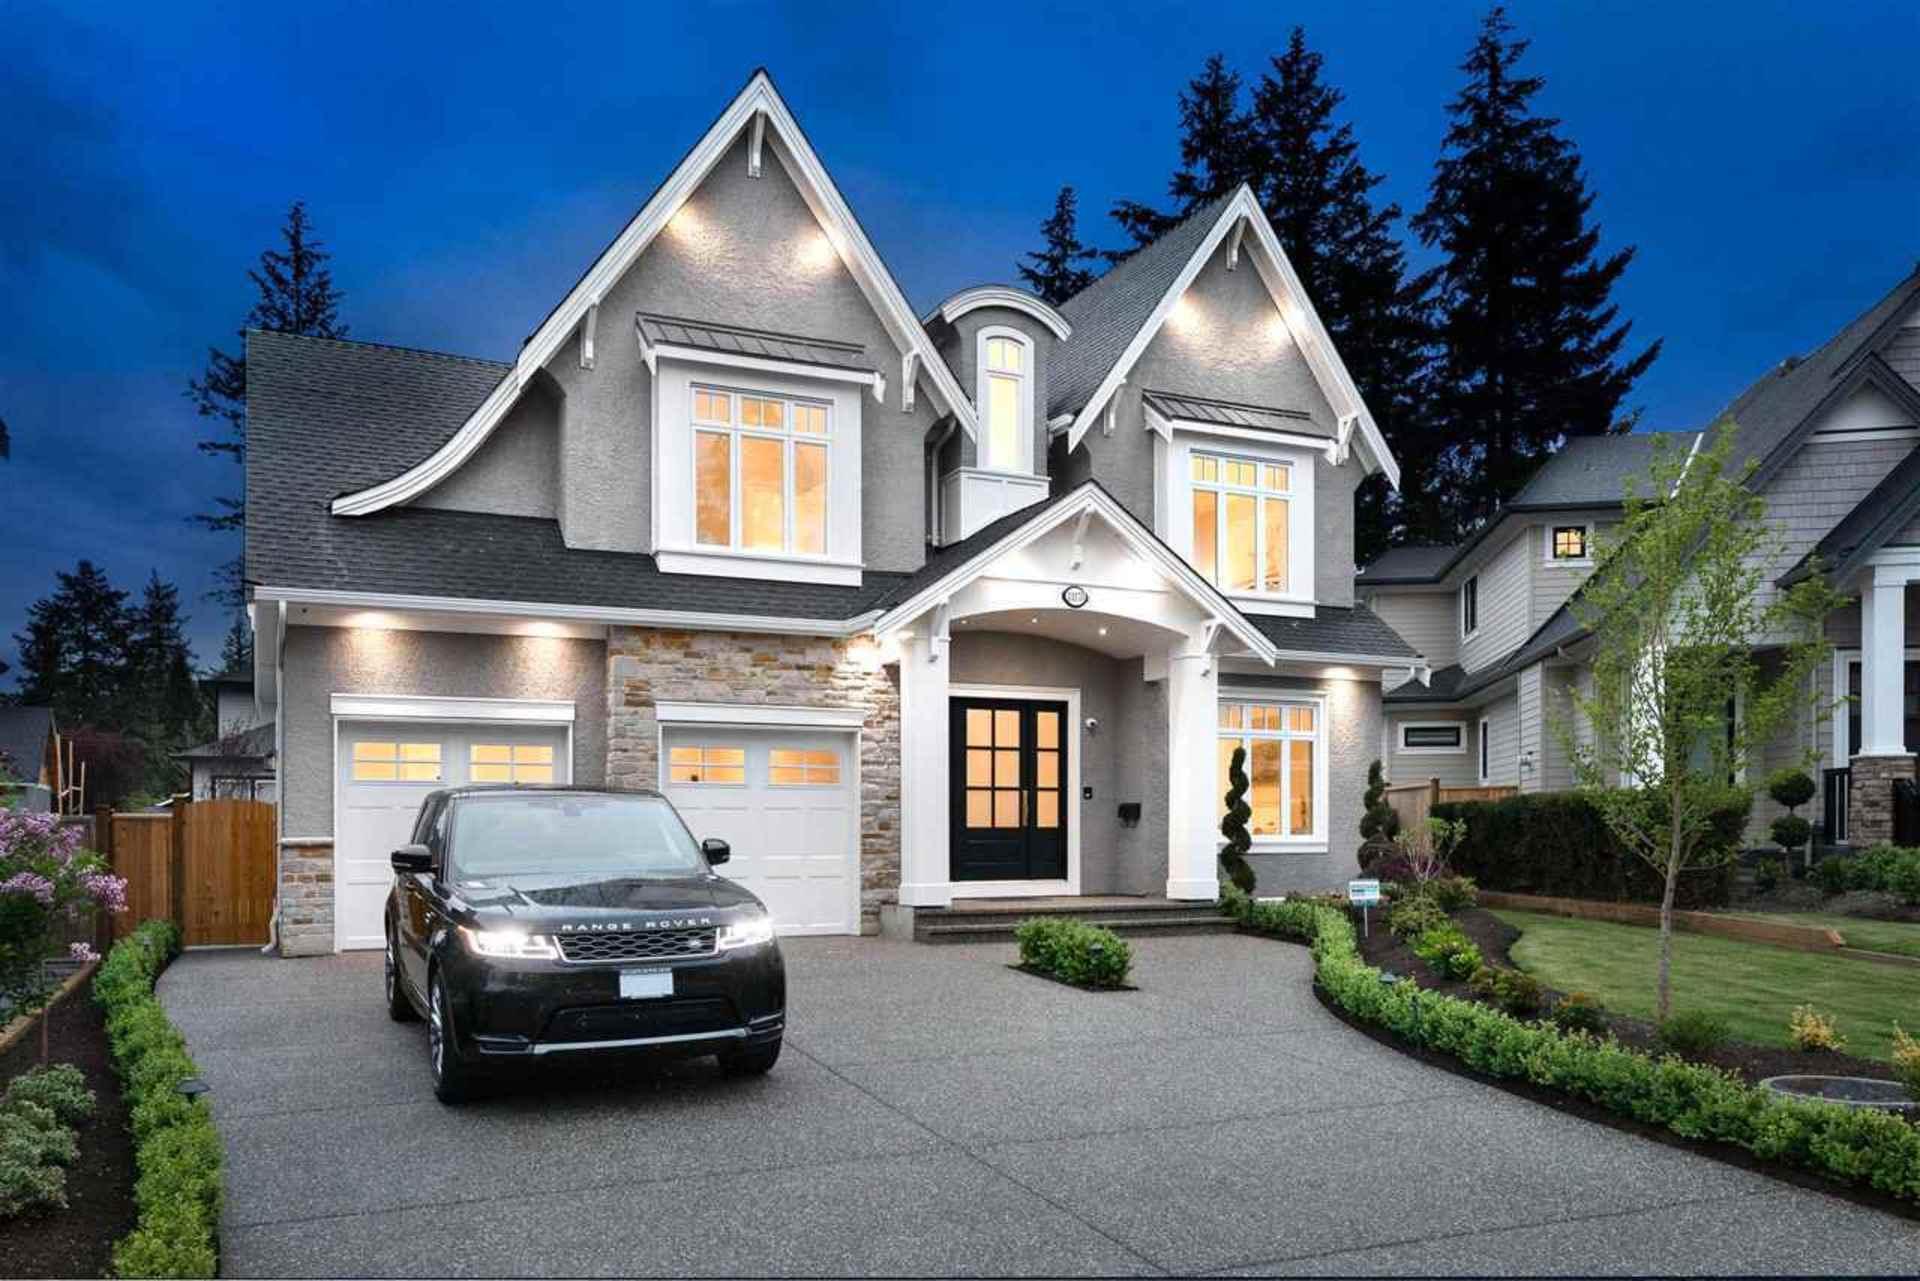 13175 19a Avenue, Crescent Bch Ocean Pk., South Surrey White Rock